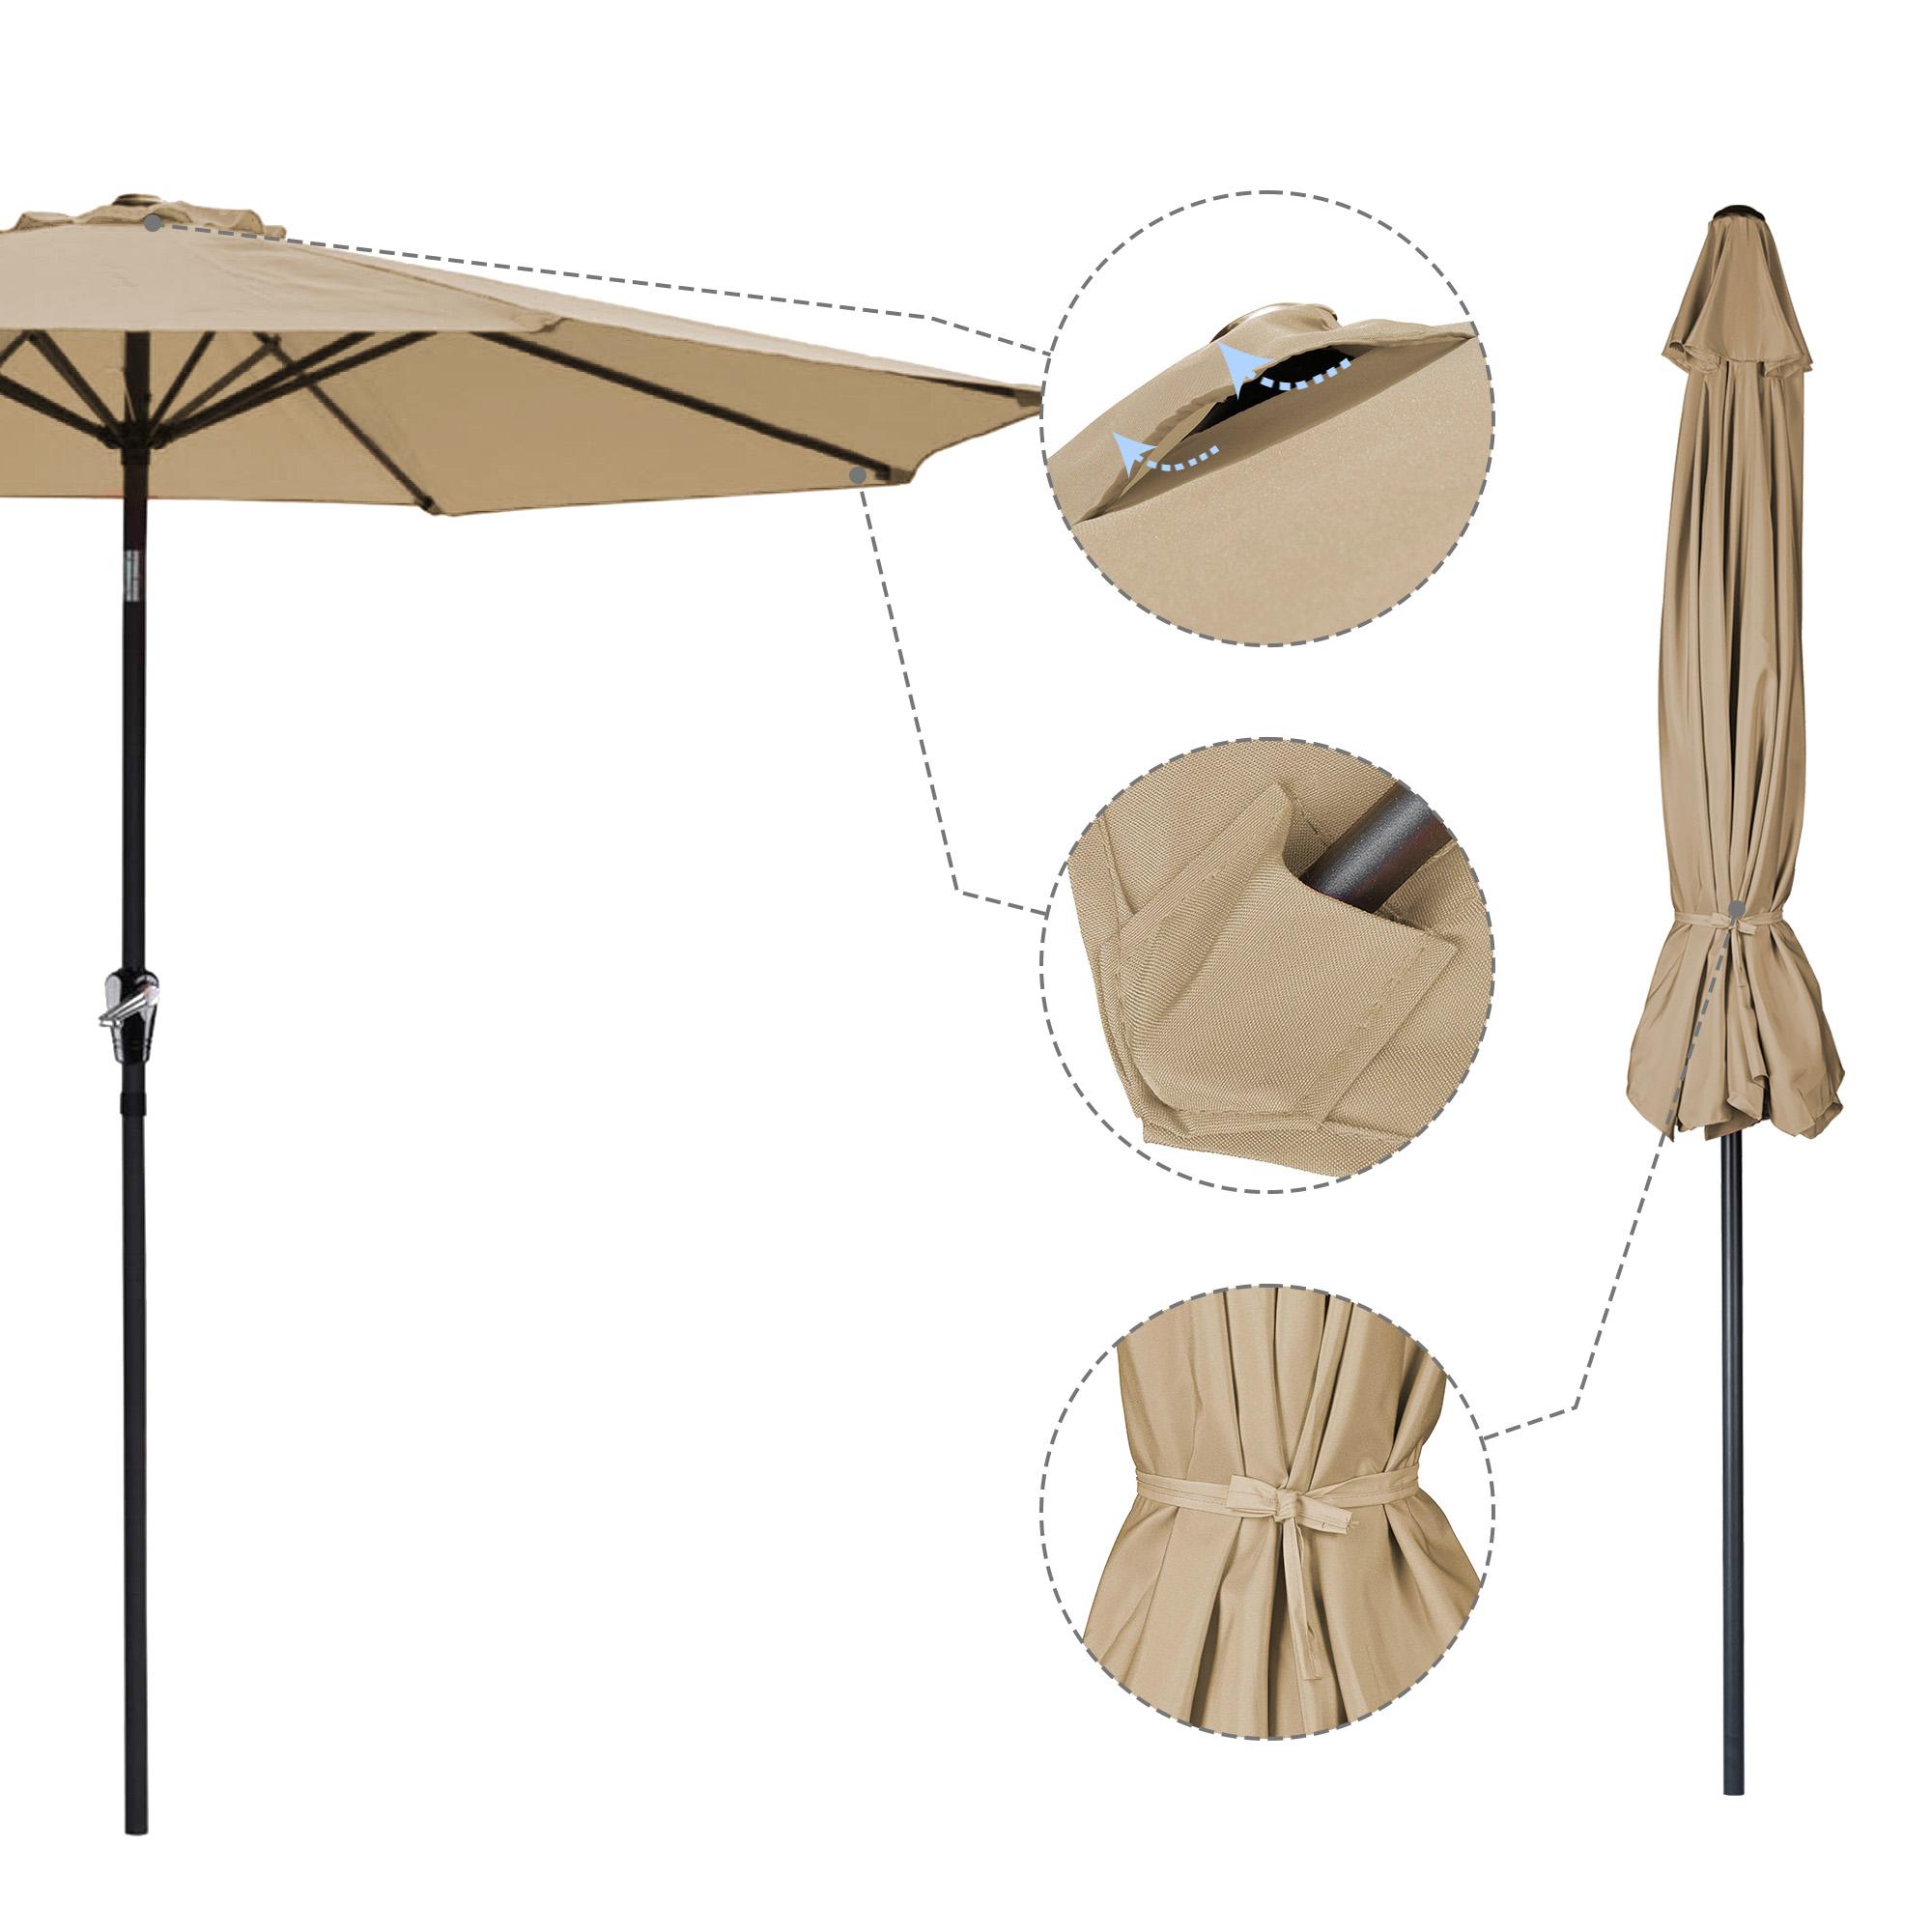 thumbnail 106 - 9' Outdoor Umbrella Patio 8 Ribs Market Garden Crank Tilt Beach Sunshade Parasol